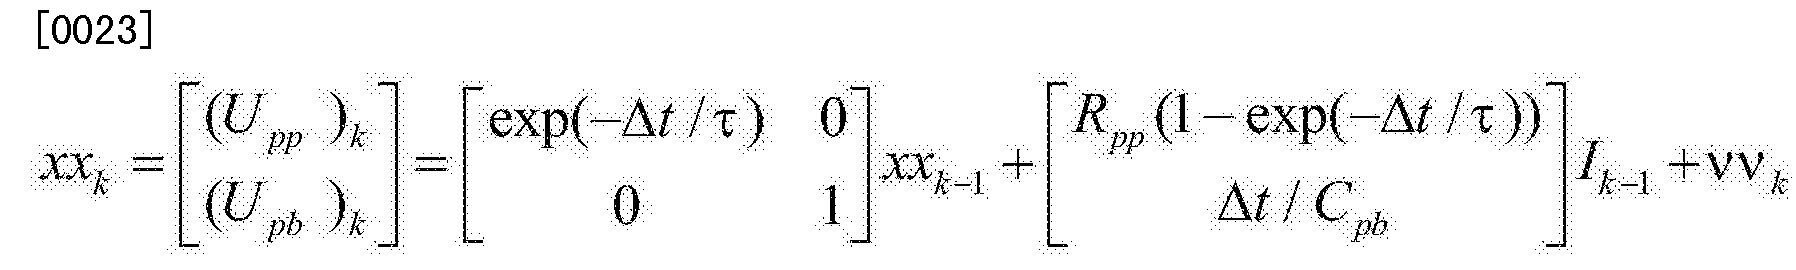 Figure CN103675706BD00072